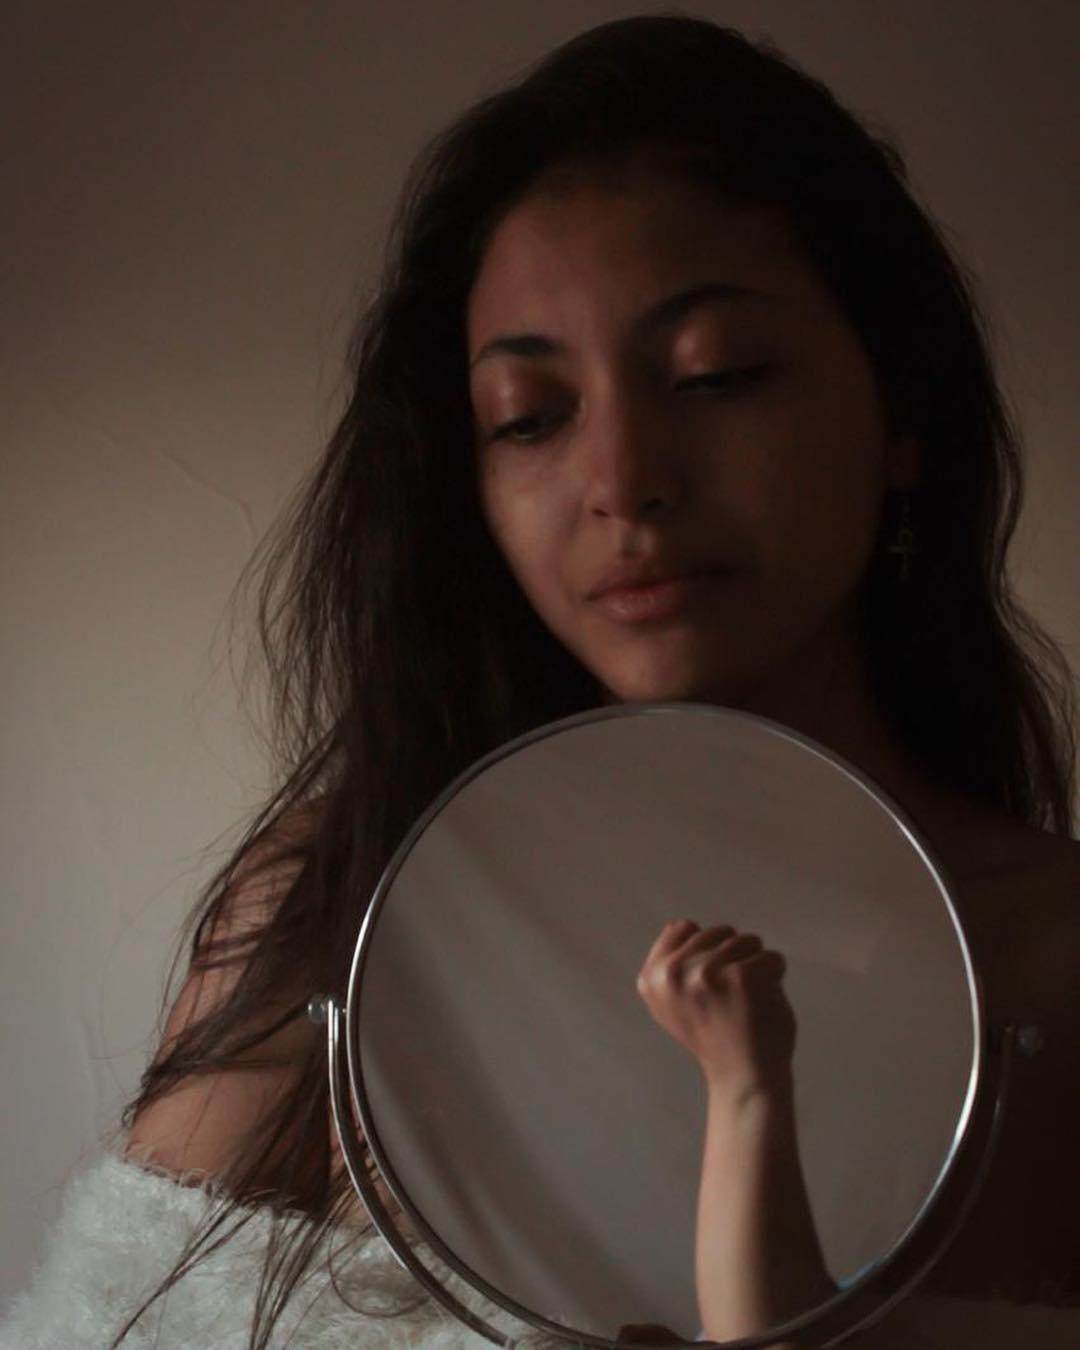 """مى الغيطى تحارب الظلم ضد المرأة بـ""""فوتوسيشن"""" جديد.. صور  58815-مى-الغيطى-فى-فوتوسيشن-جديد-(1)"""